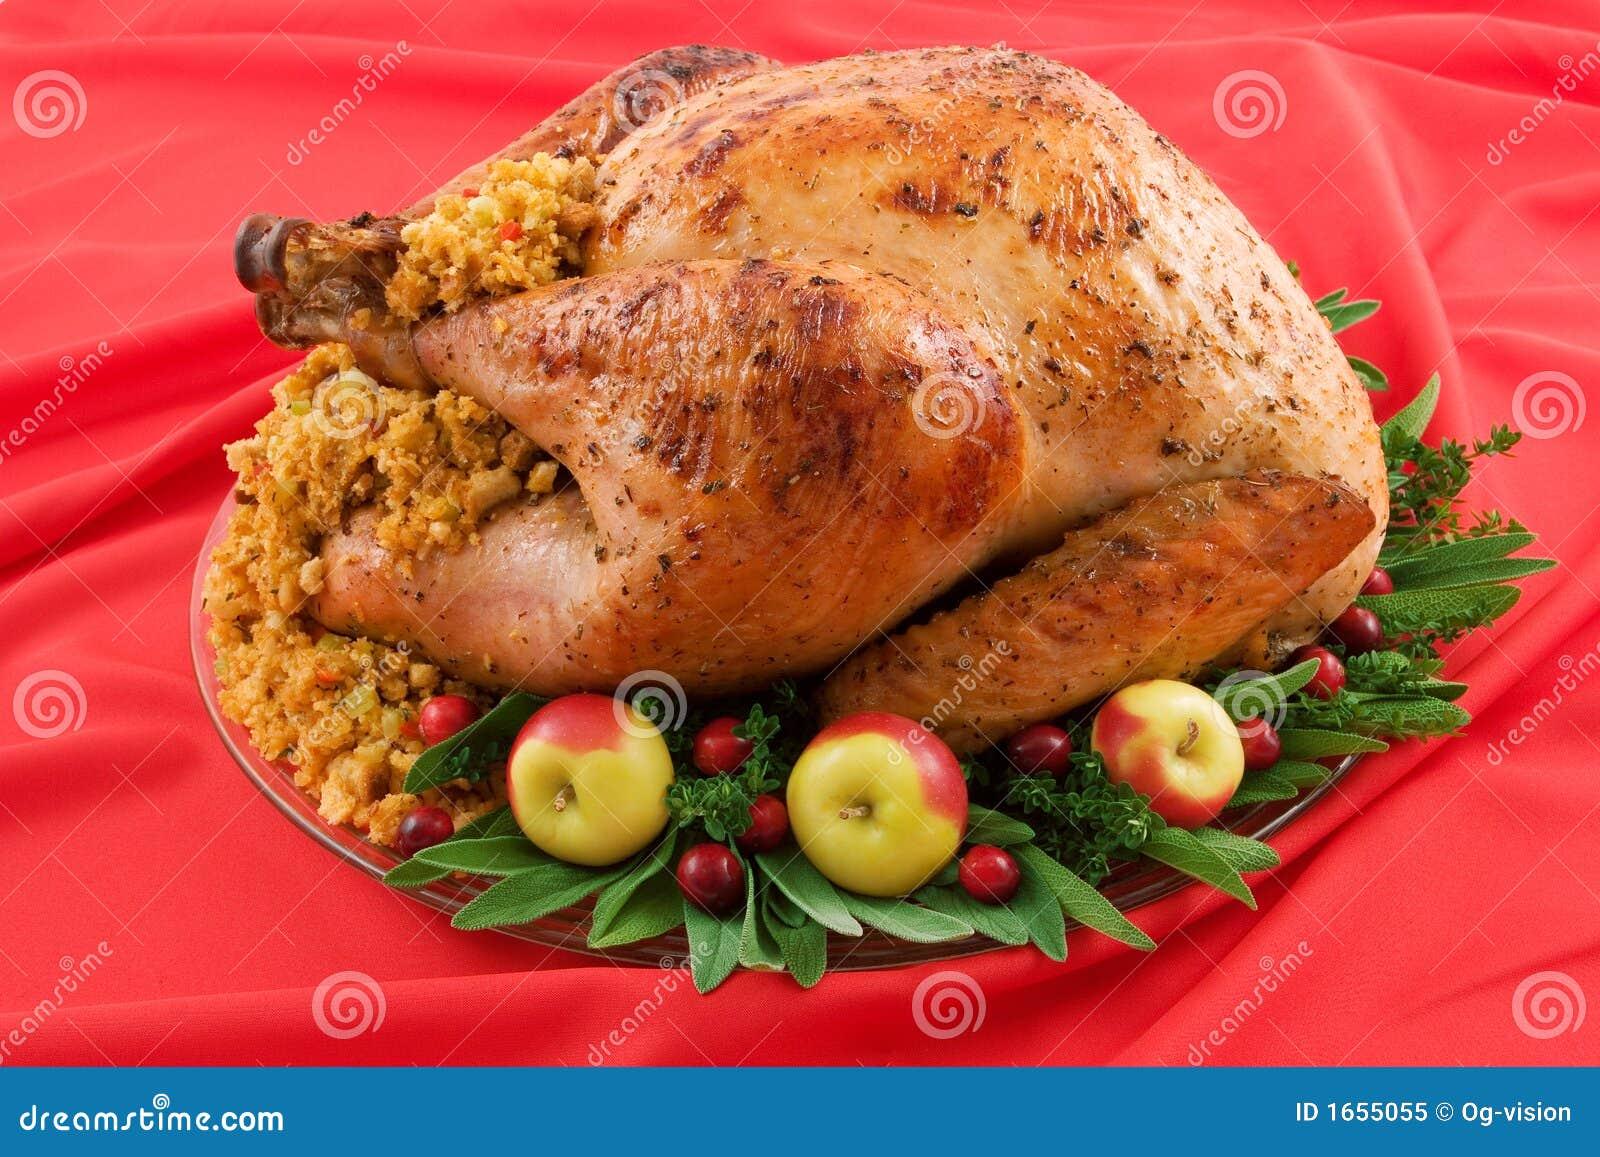 Braten Sie die Türkei